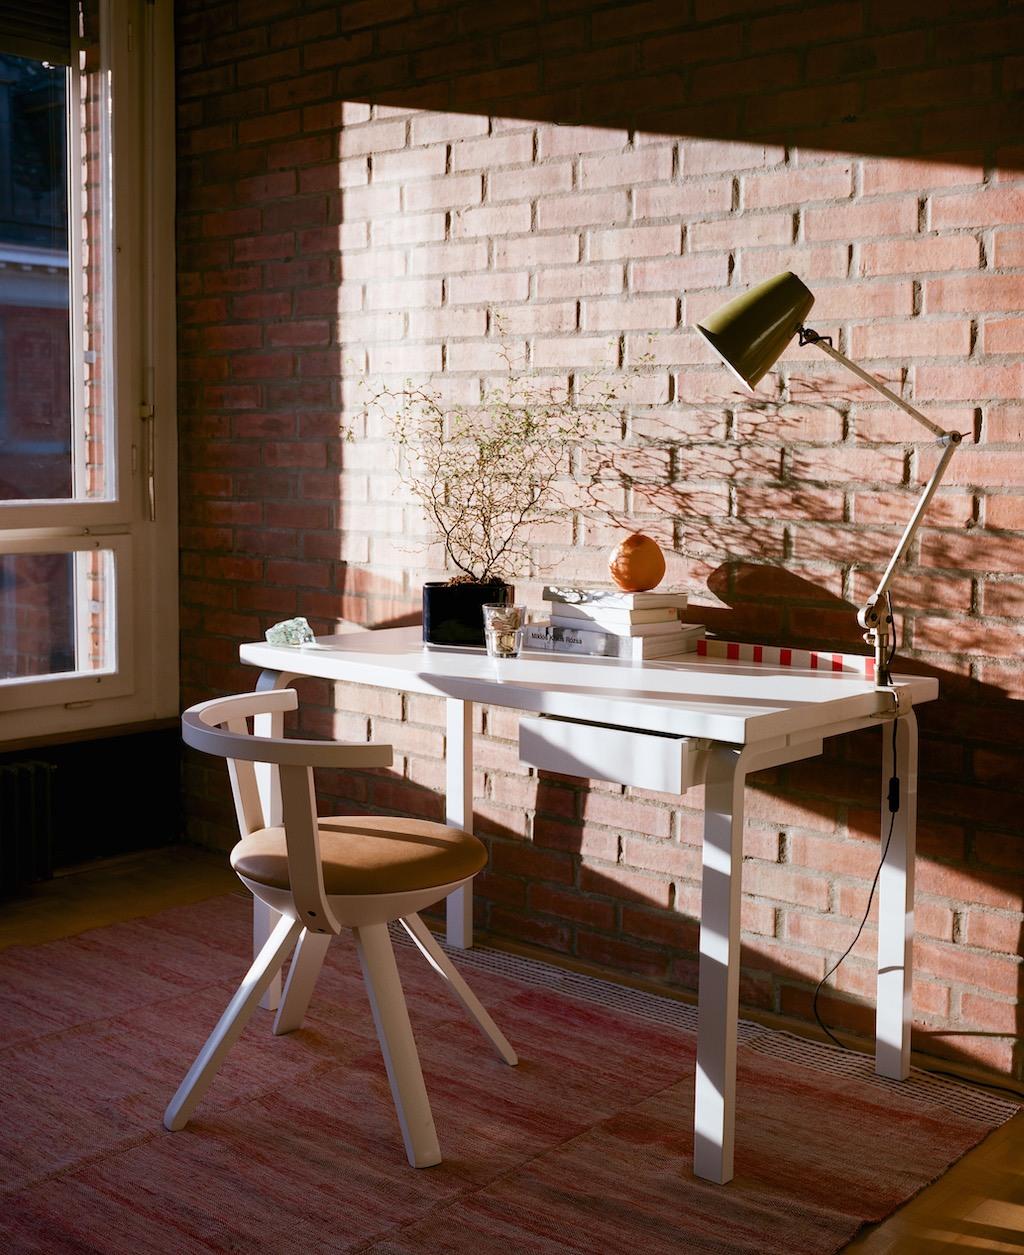 Artek Schreibtisch, Stuhl und Leuchte, unverputzte Ziegelsteinwand, zarte Zimmerpflanze